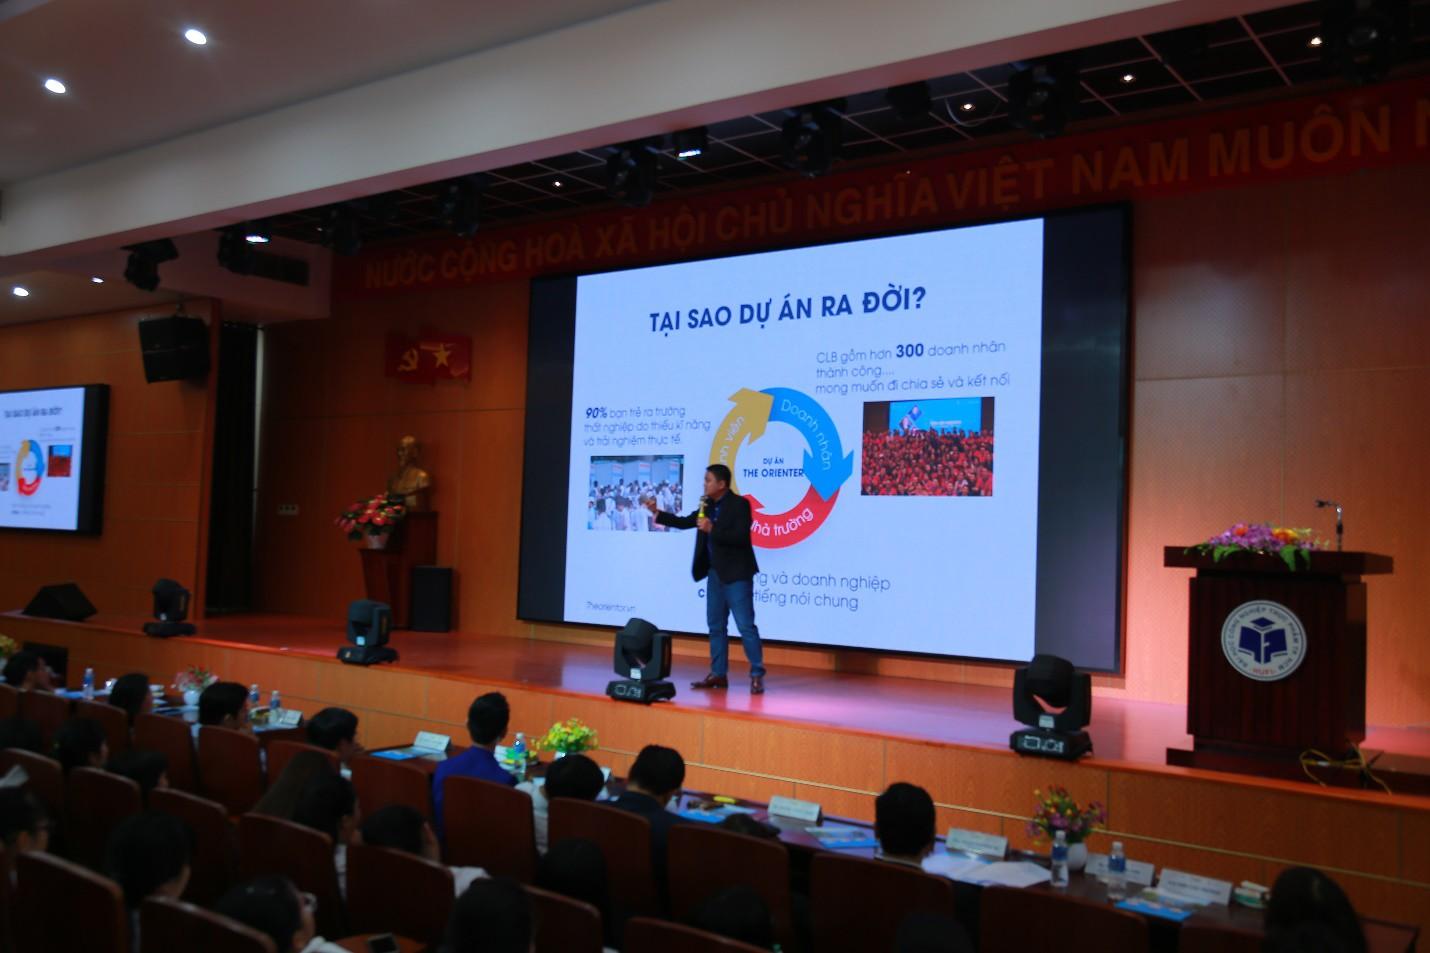 Cam kết việc làm khi học hệ cao đẳng tại trường ĐH Công nghiệp Thực phẩm TP.Hồ Chí Minh - Ảnh 3.